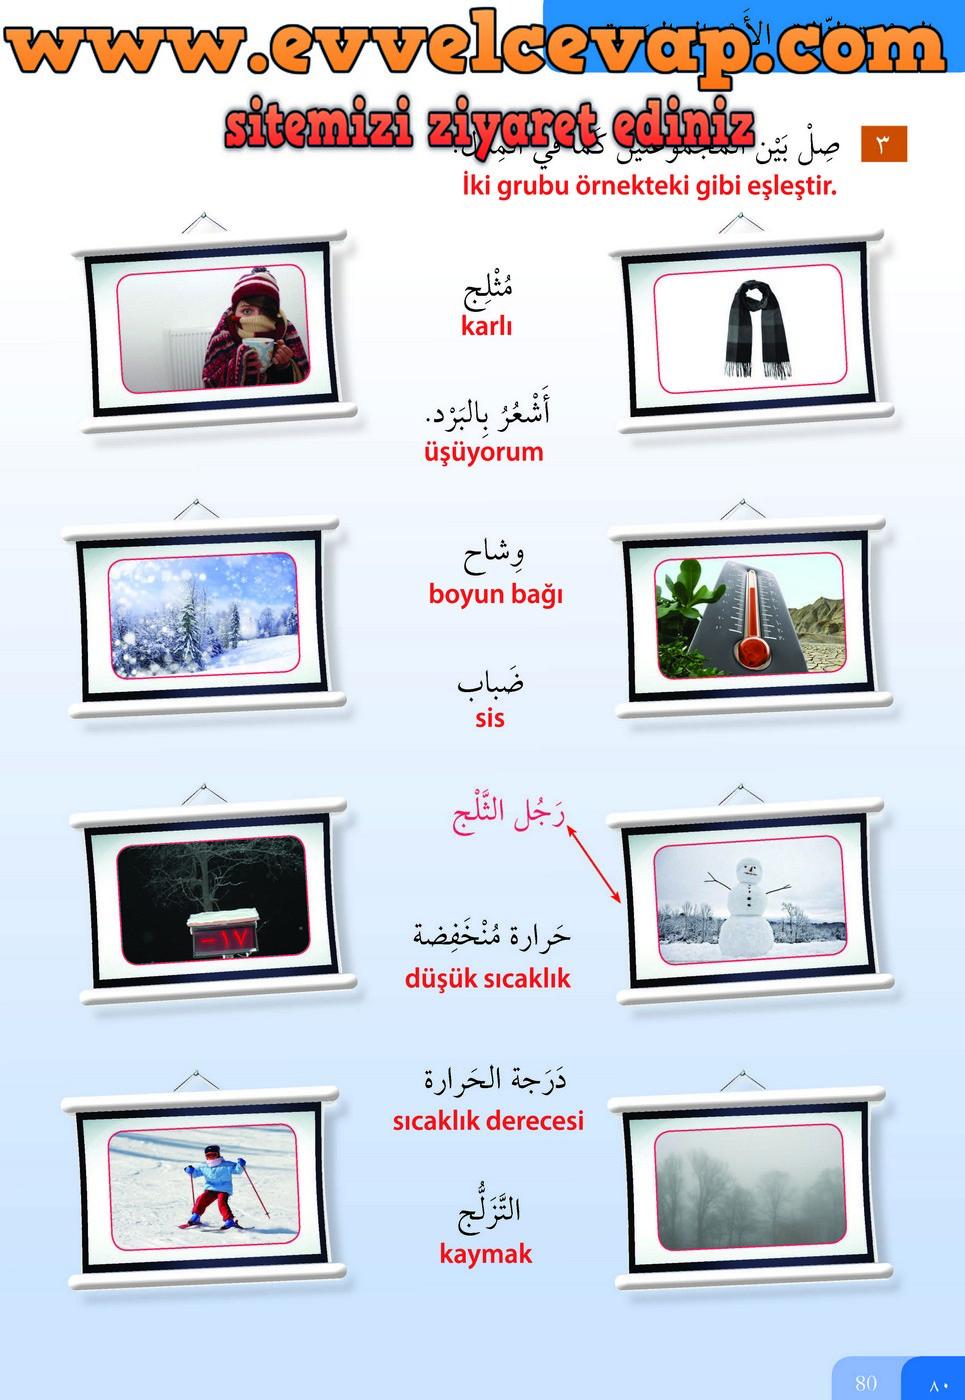 7. Sınıf Meb Yayınları Arapça Ders ve Öğrenci Çalışma Kitabı Sayfa 80 Cevabı